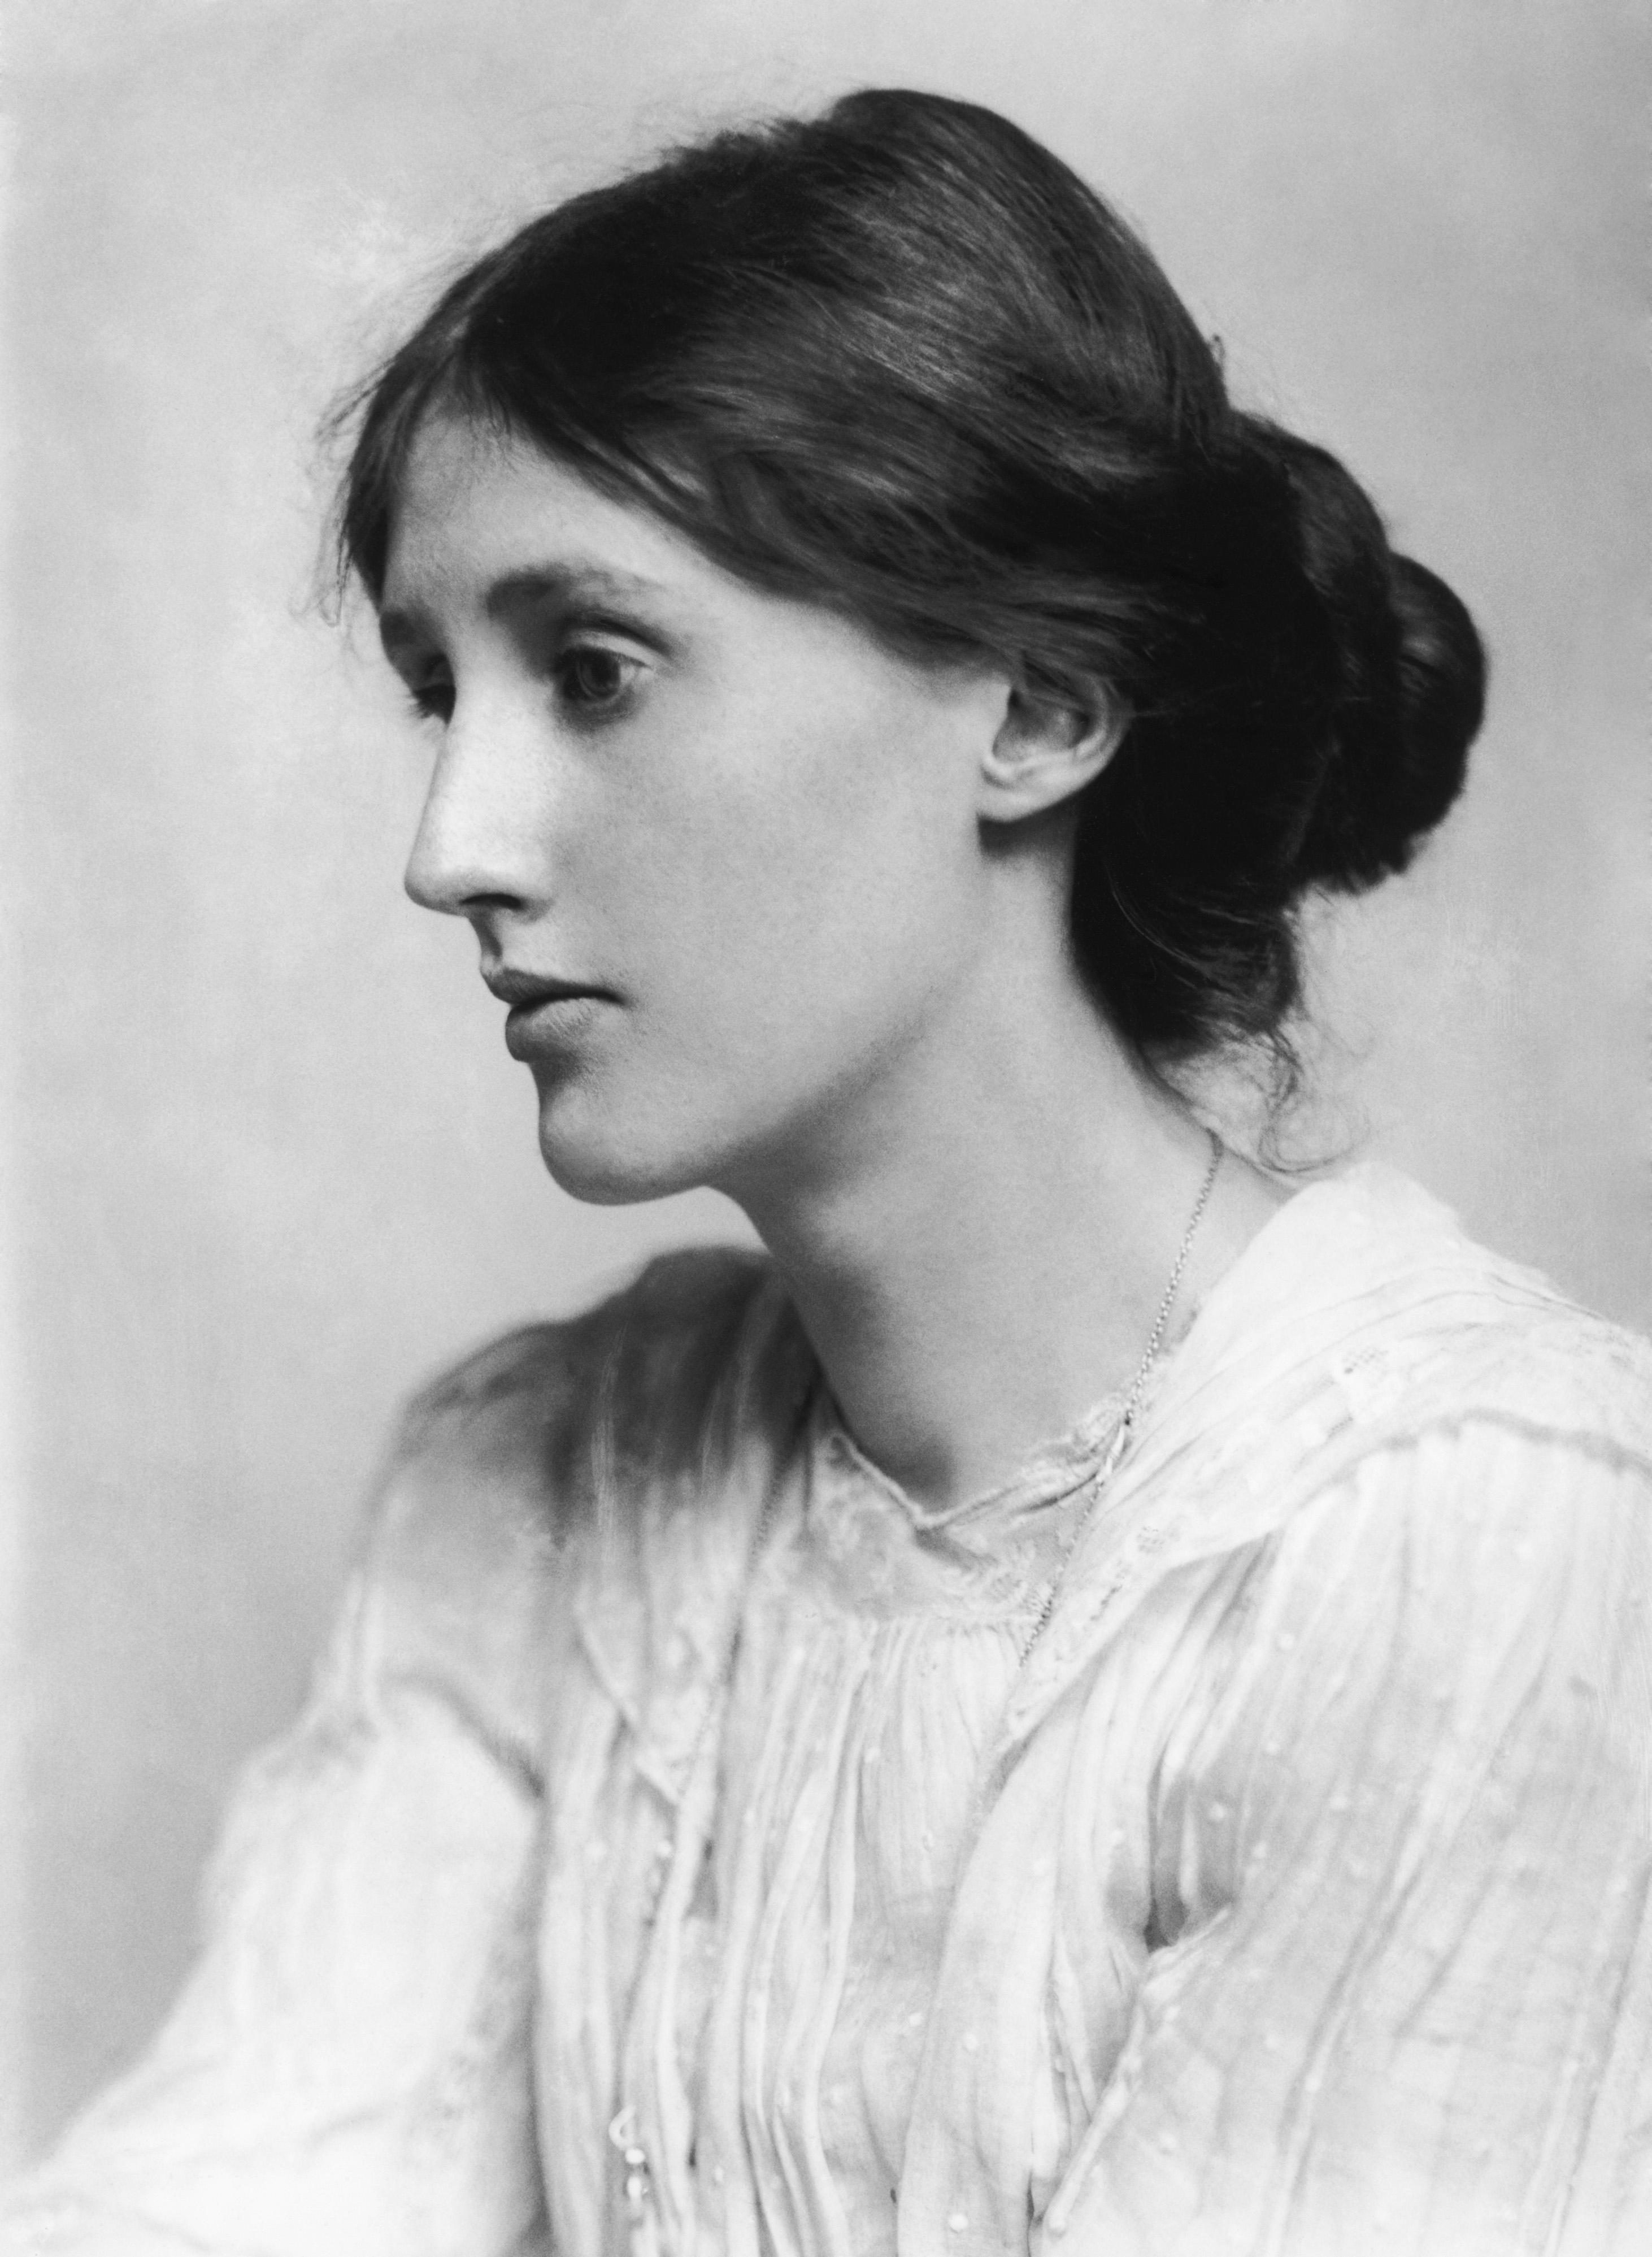 George_Charles_Beresford_-_Virginia_stephen Woolf_in_190